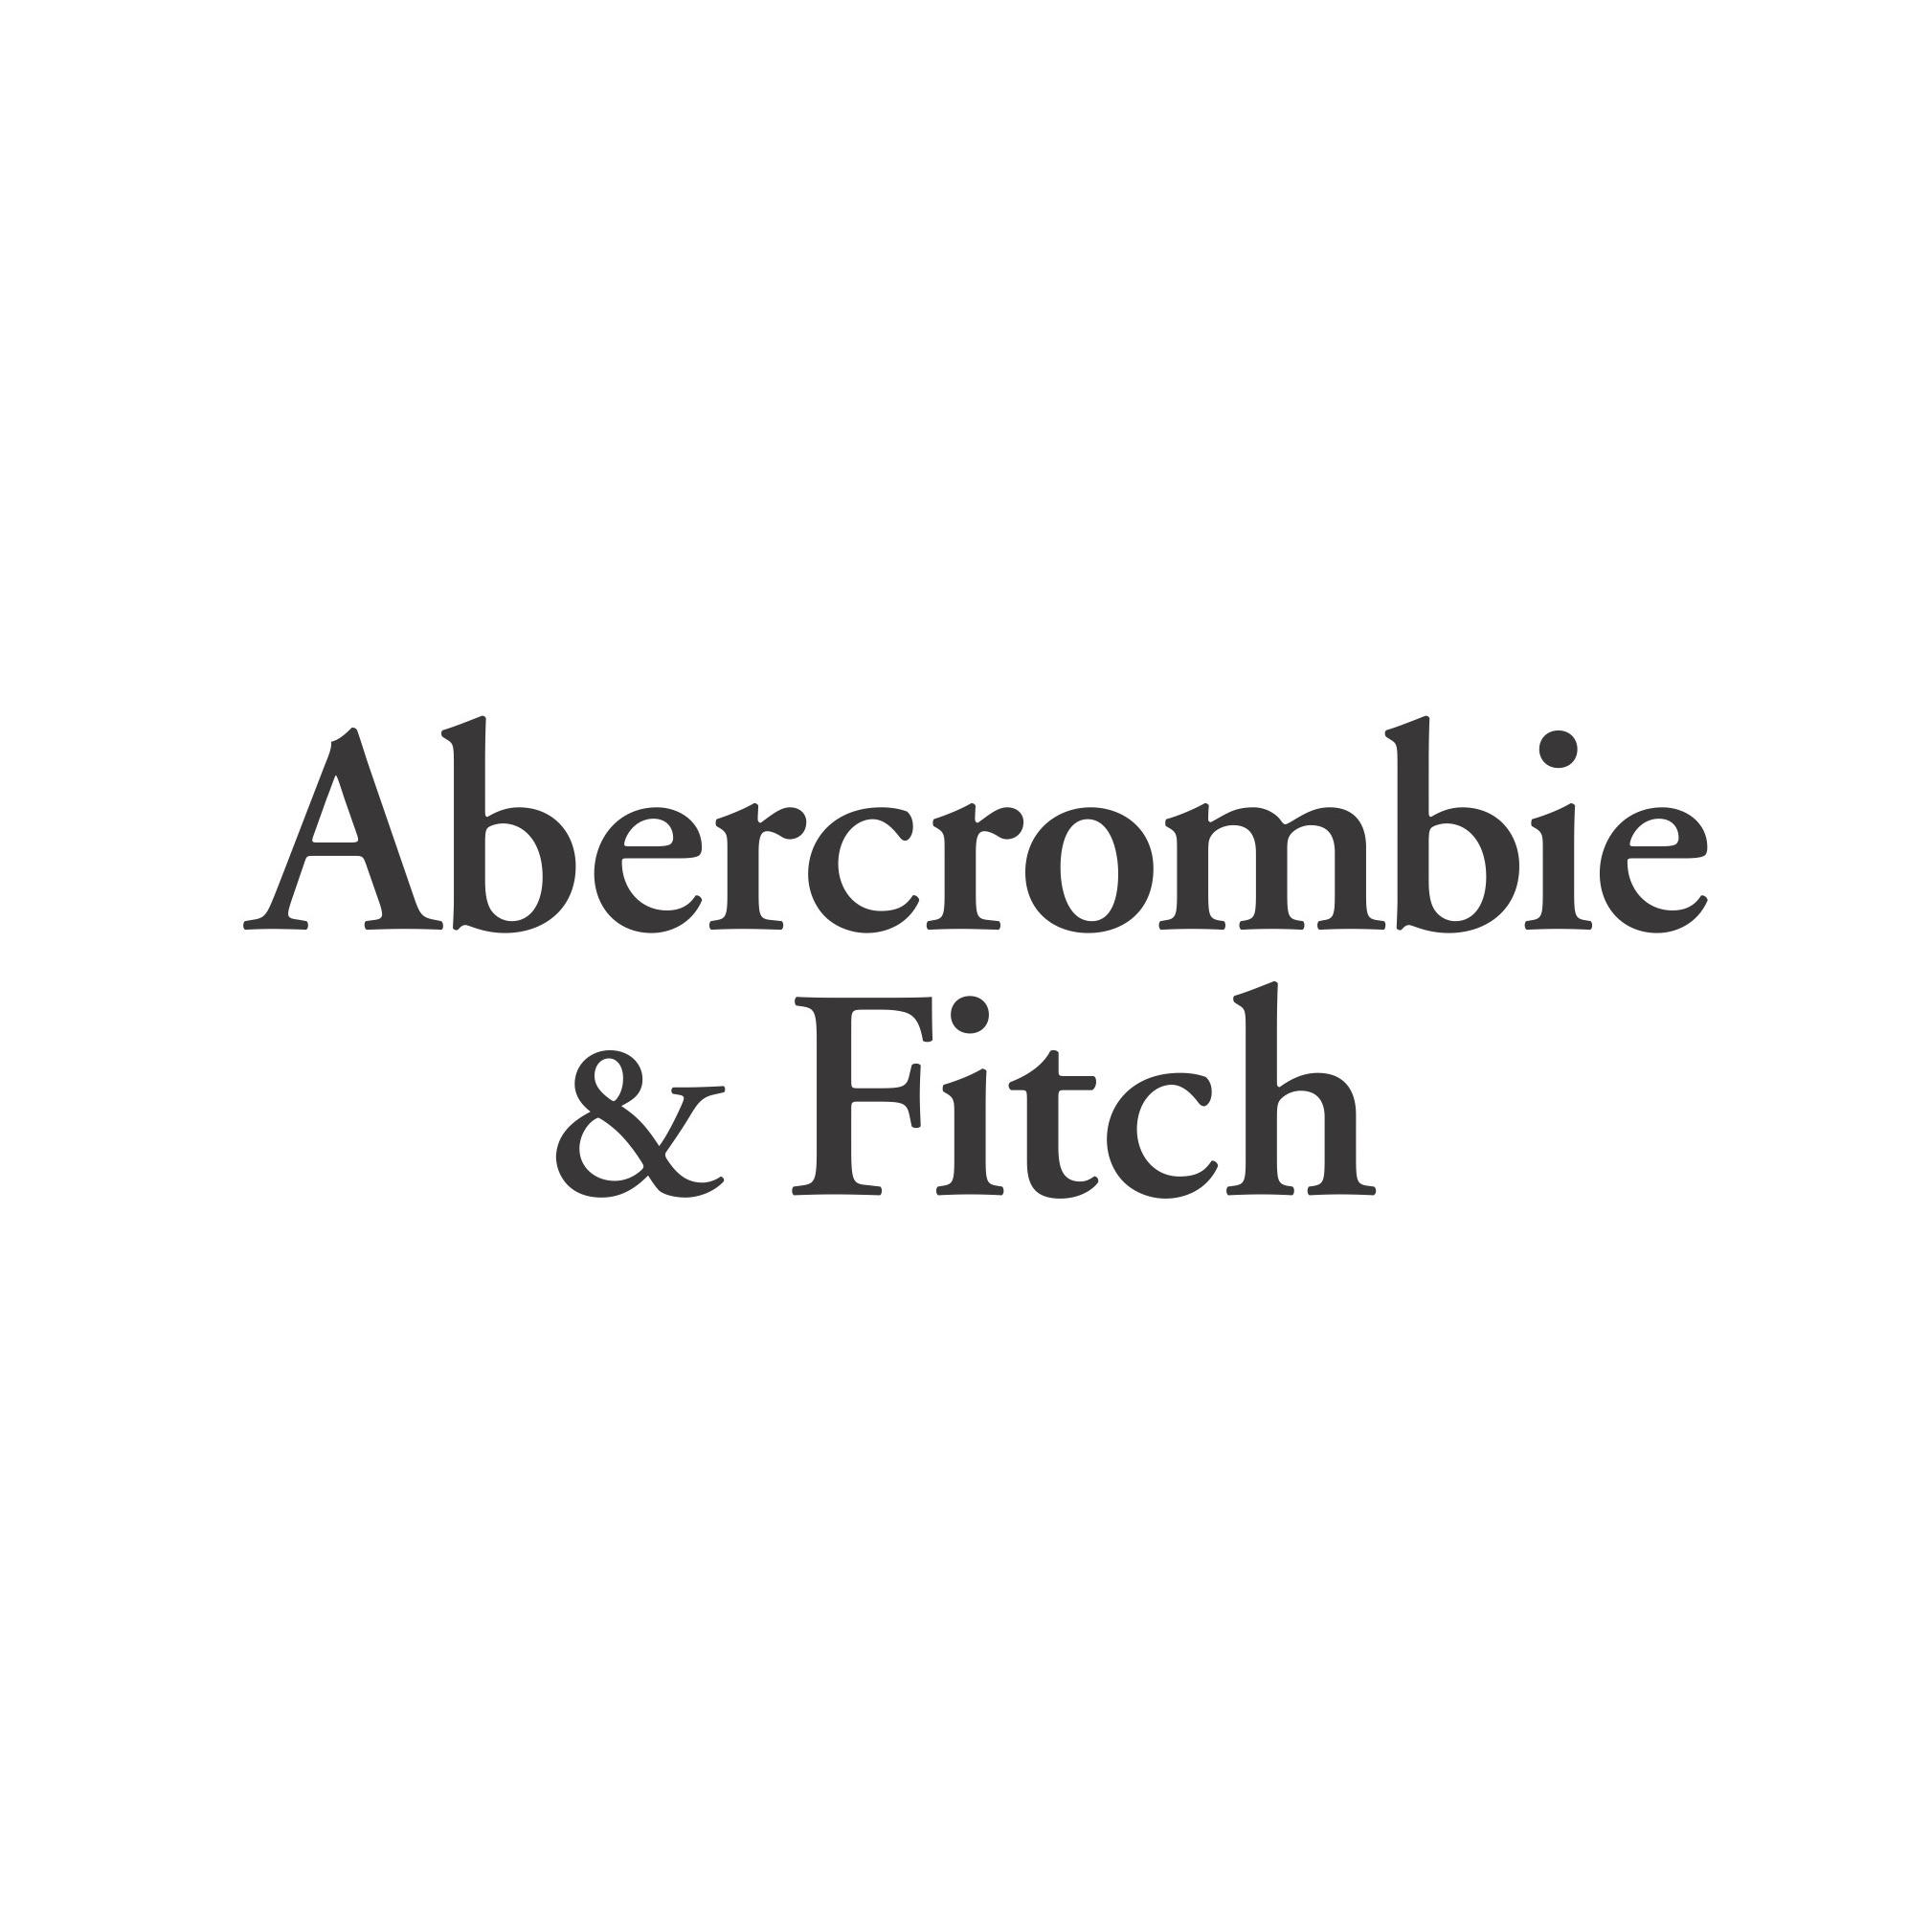 Abercombie & Fitch Logo